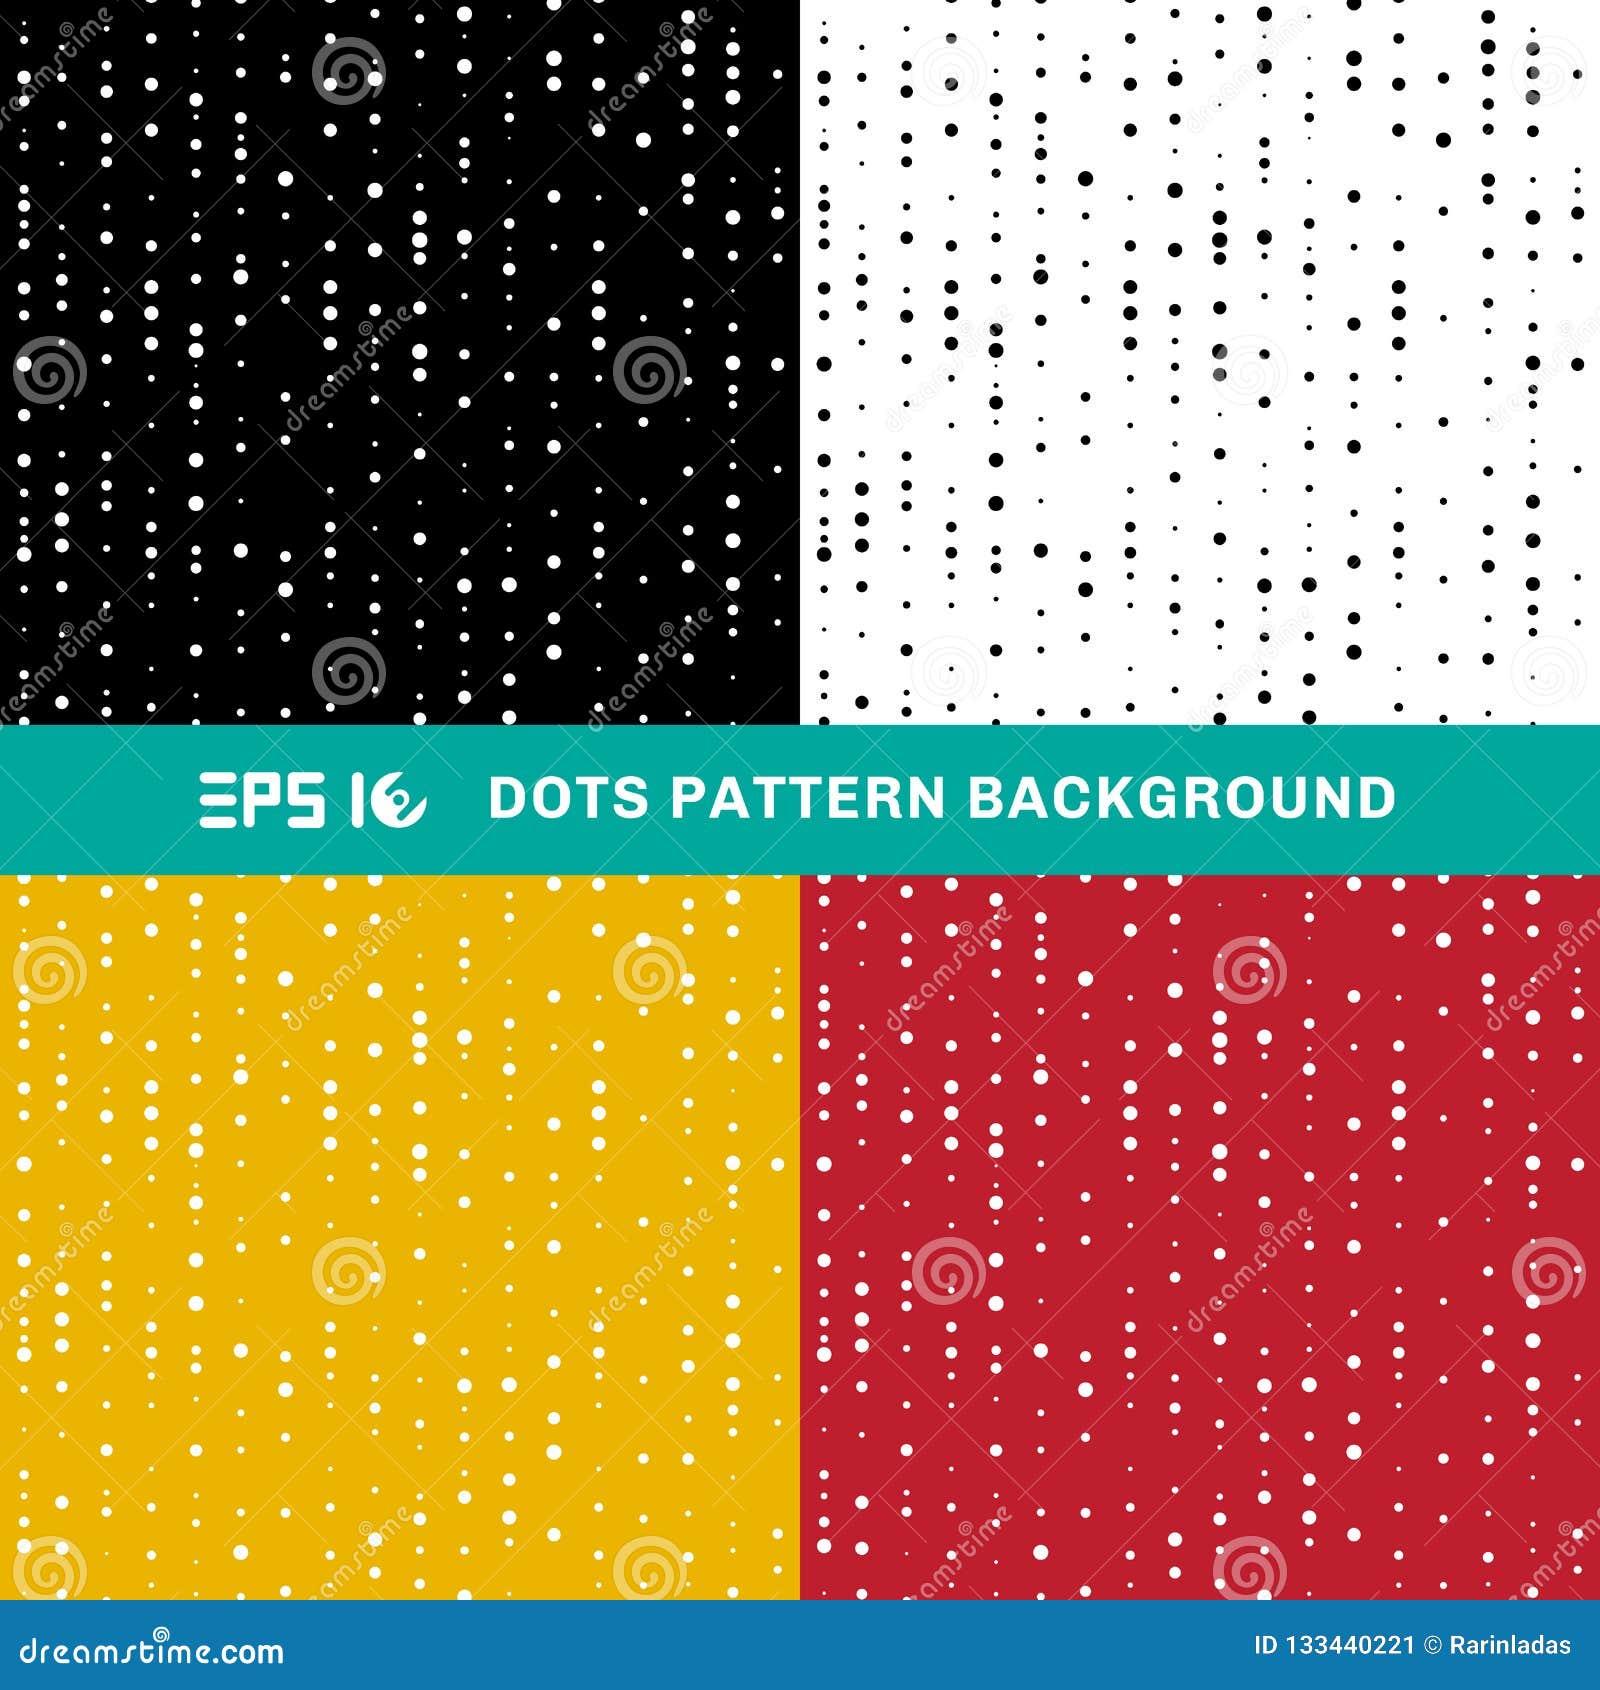 Fije de círculos geométricos abstractos del modelo de puntos del tamaño al azar encendido